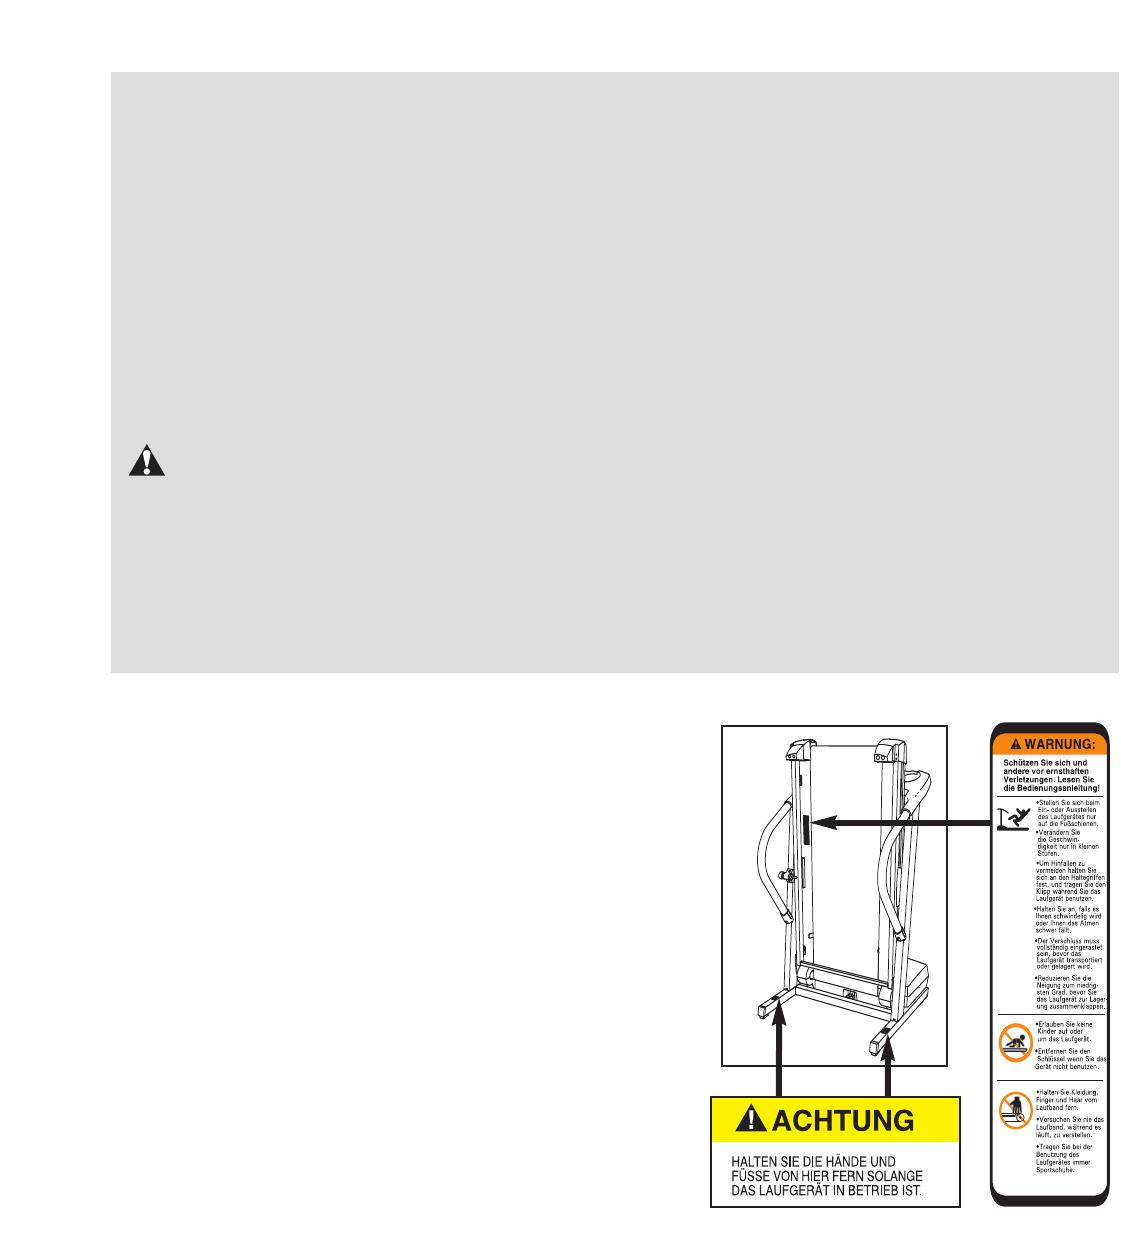 Proform Petl30134 360 P Treadmill Users Manual *PETL30133 211849(GR)